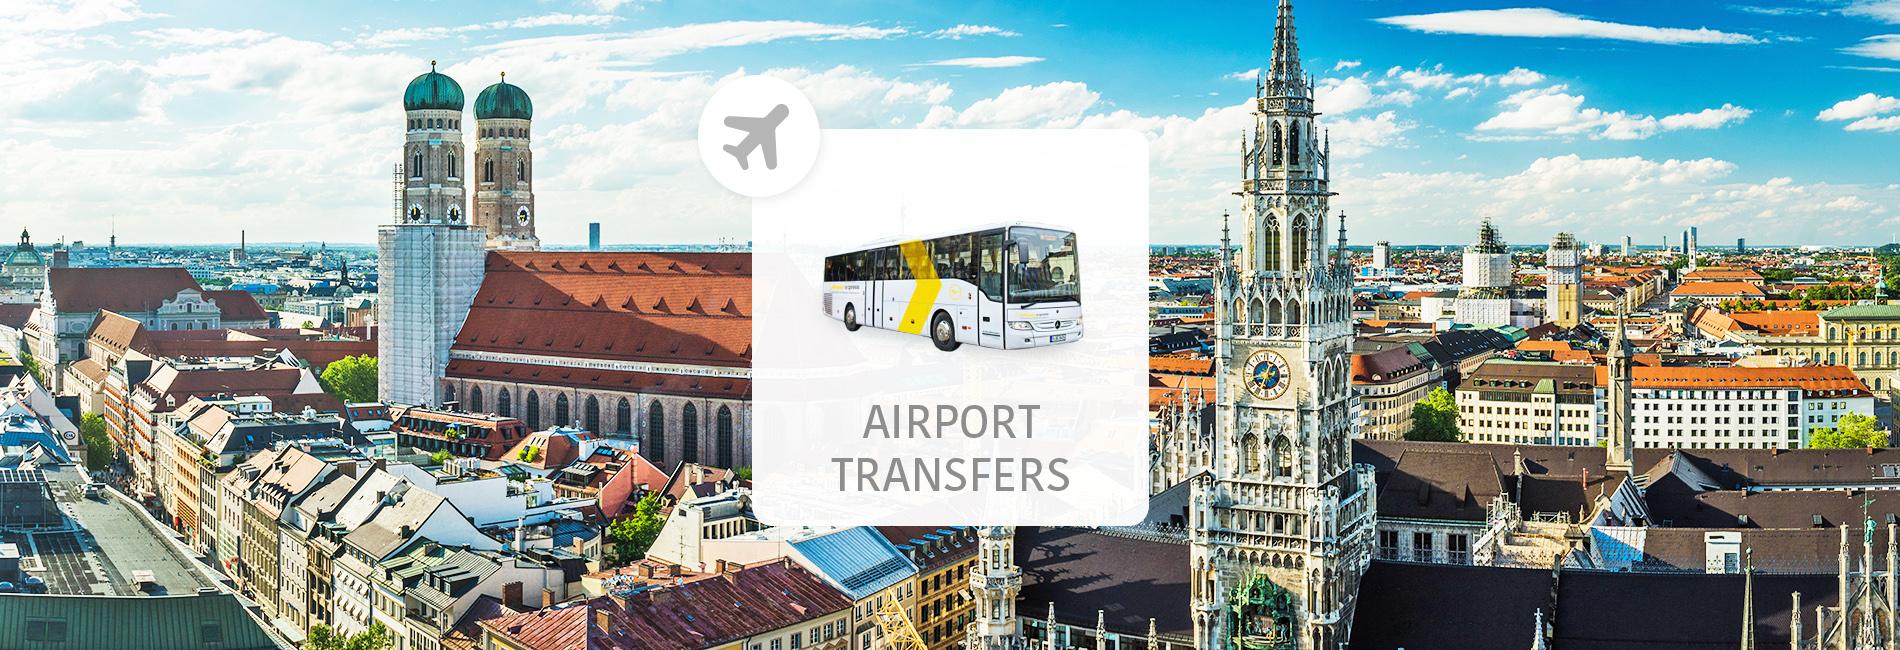 【慕尼黑機場接駁】德國慕尼黑機場特快巴士車票 Lufthansa Express